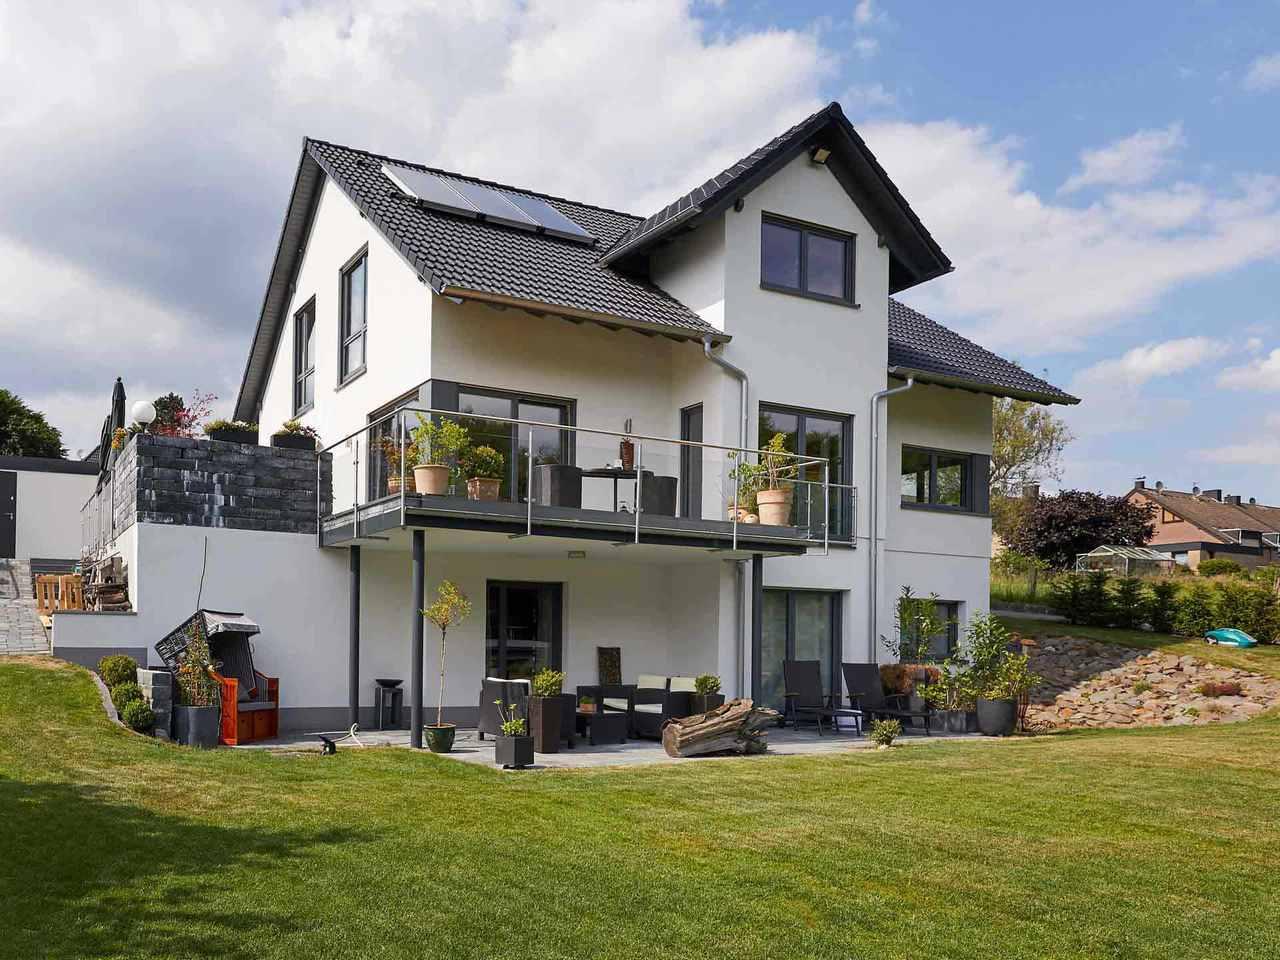 Einfamilienhaus Babelsberg - GUSSEK Haus